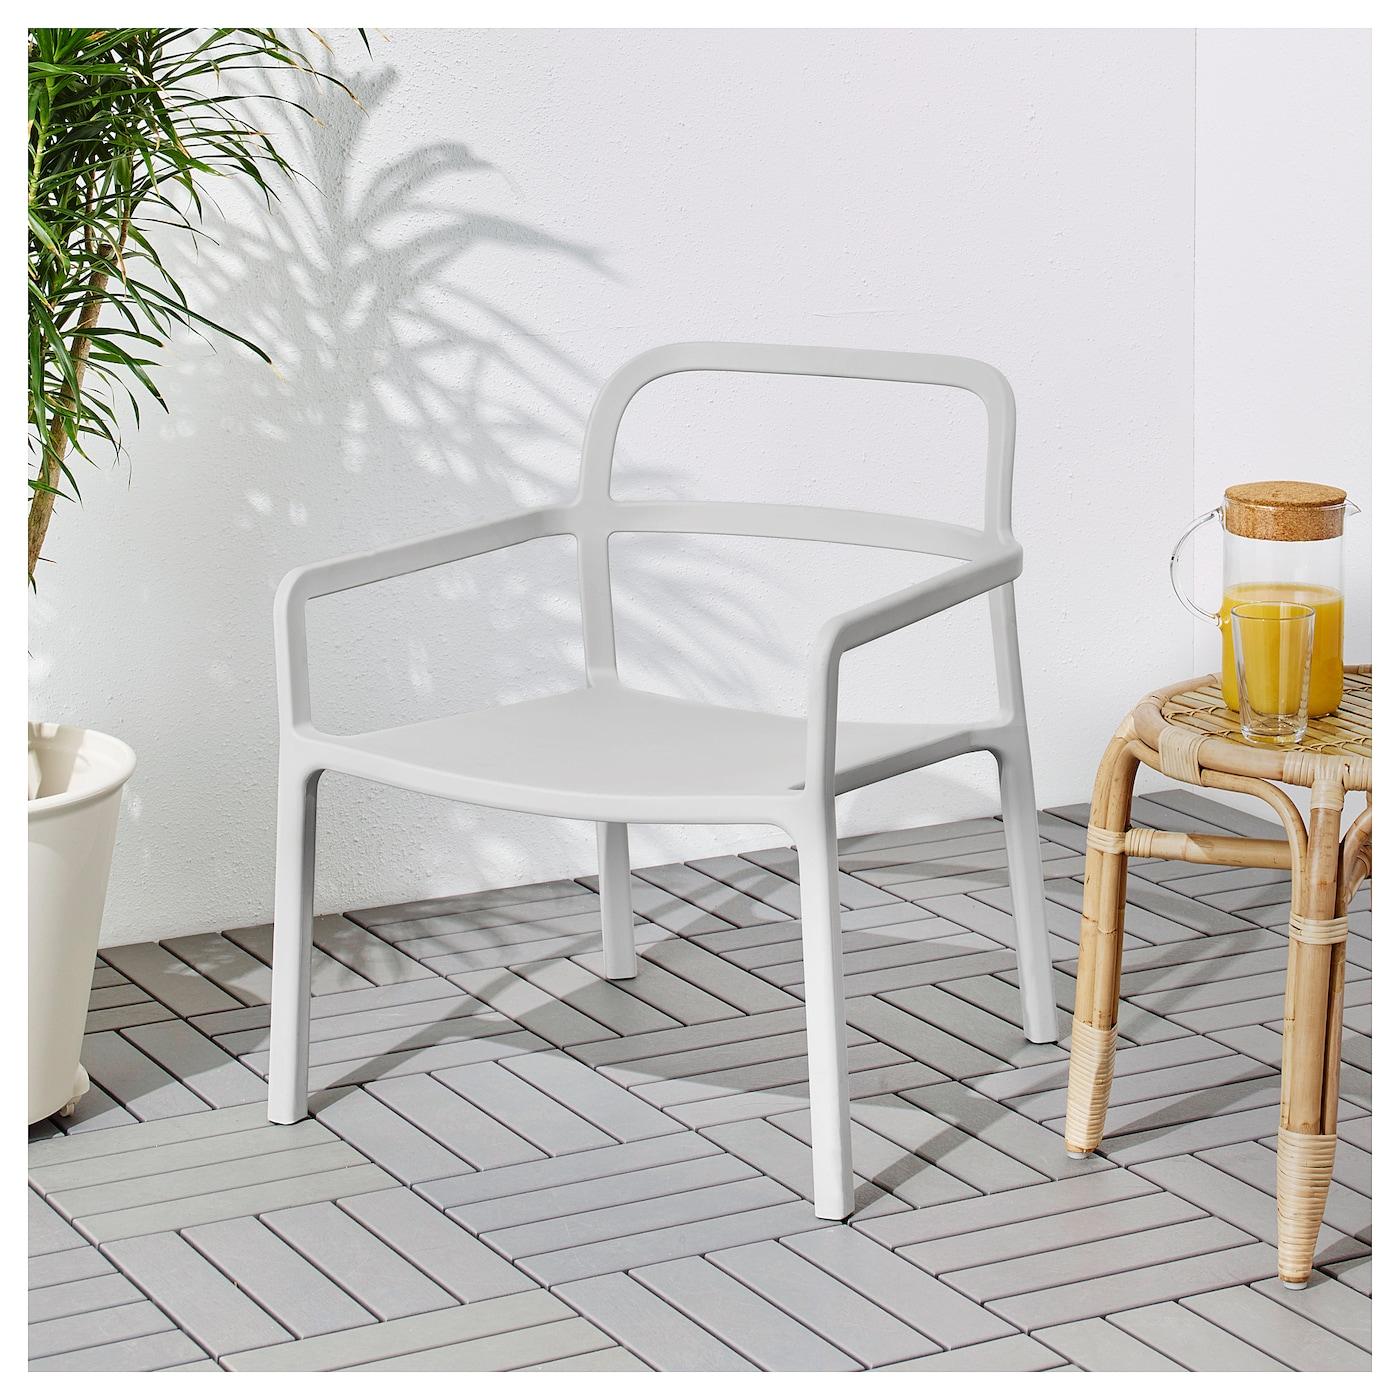 Ypperlig fauteuil int ext rieur gris clair ikea for Fauteuil exterieur gris